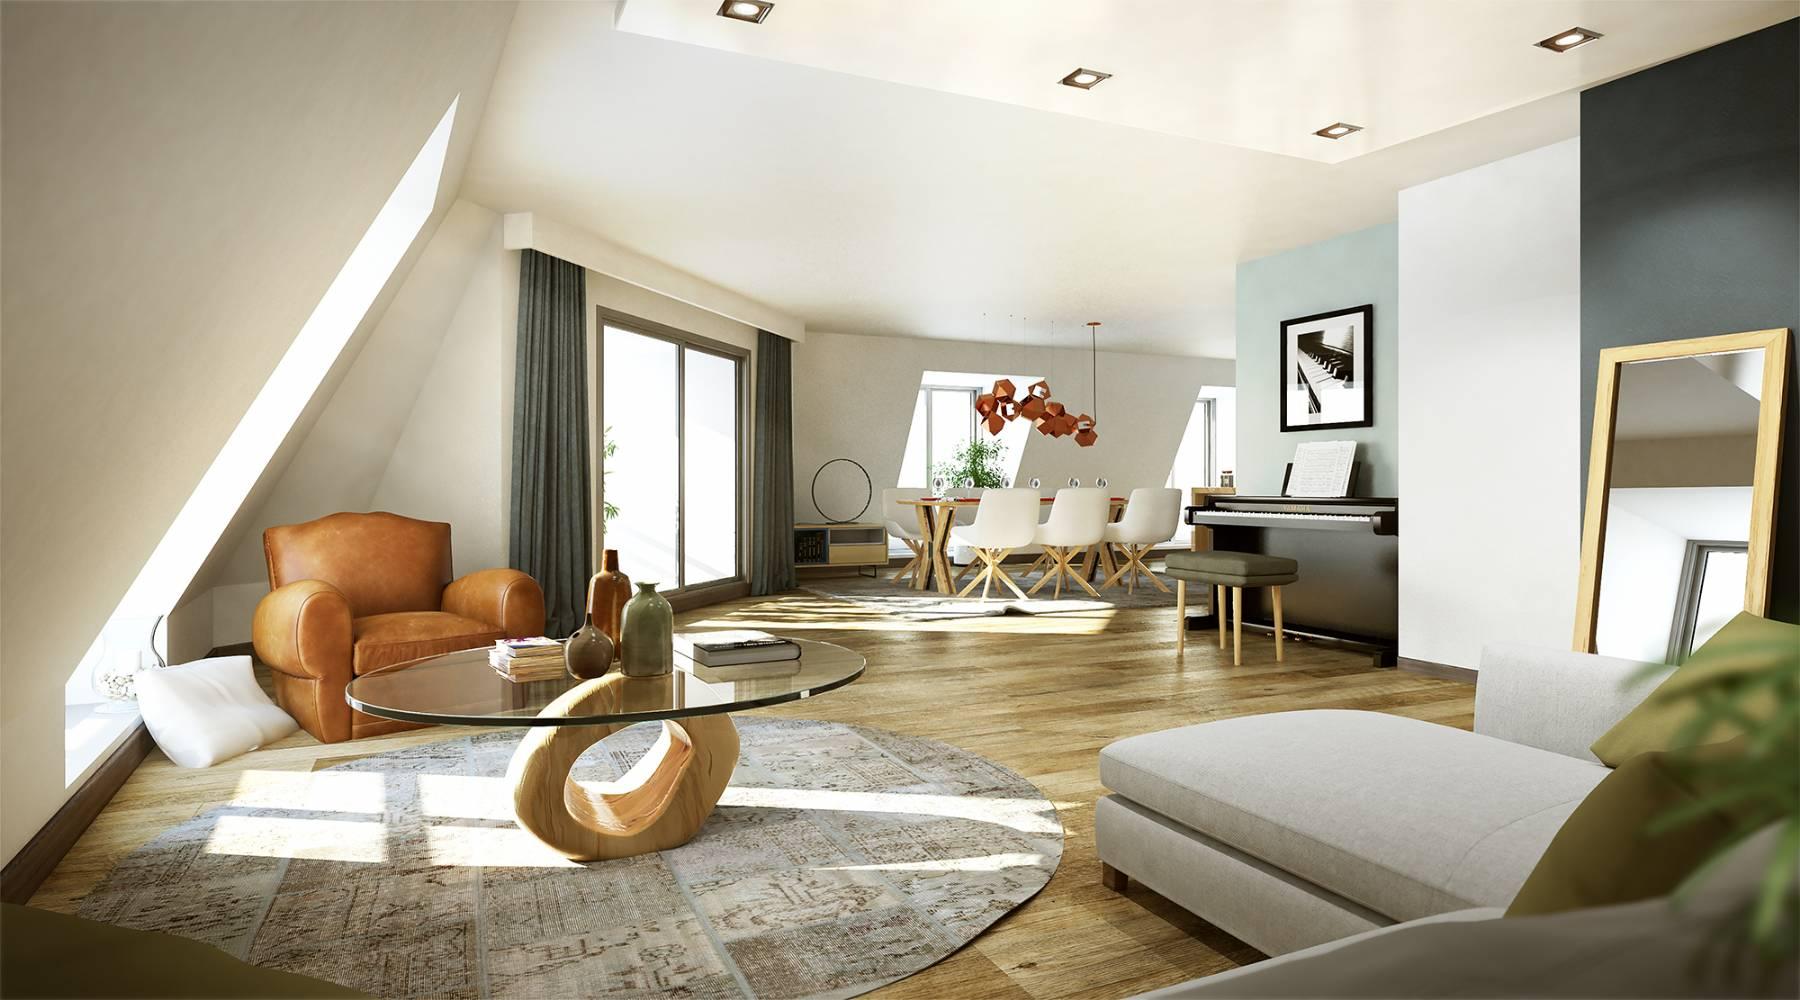 Immobilier Neuf Hauts De Seine Clamart 92140 Proximity Mon